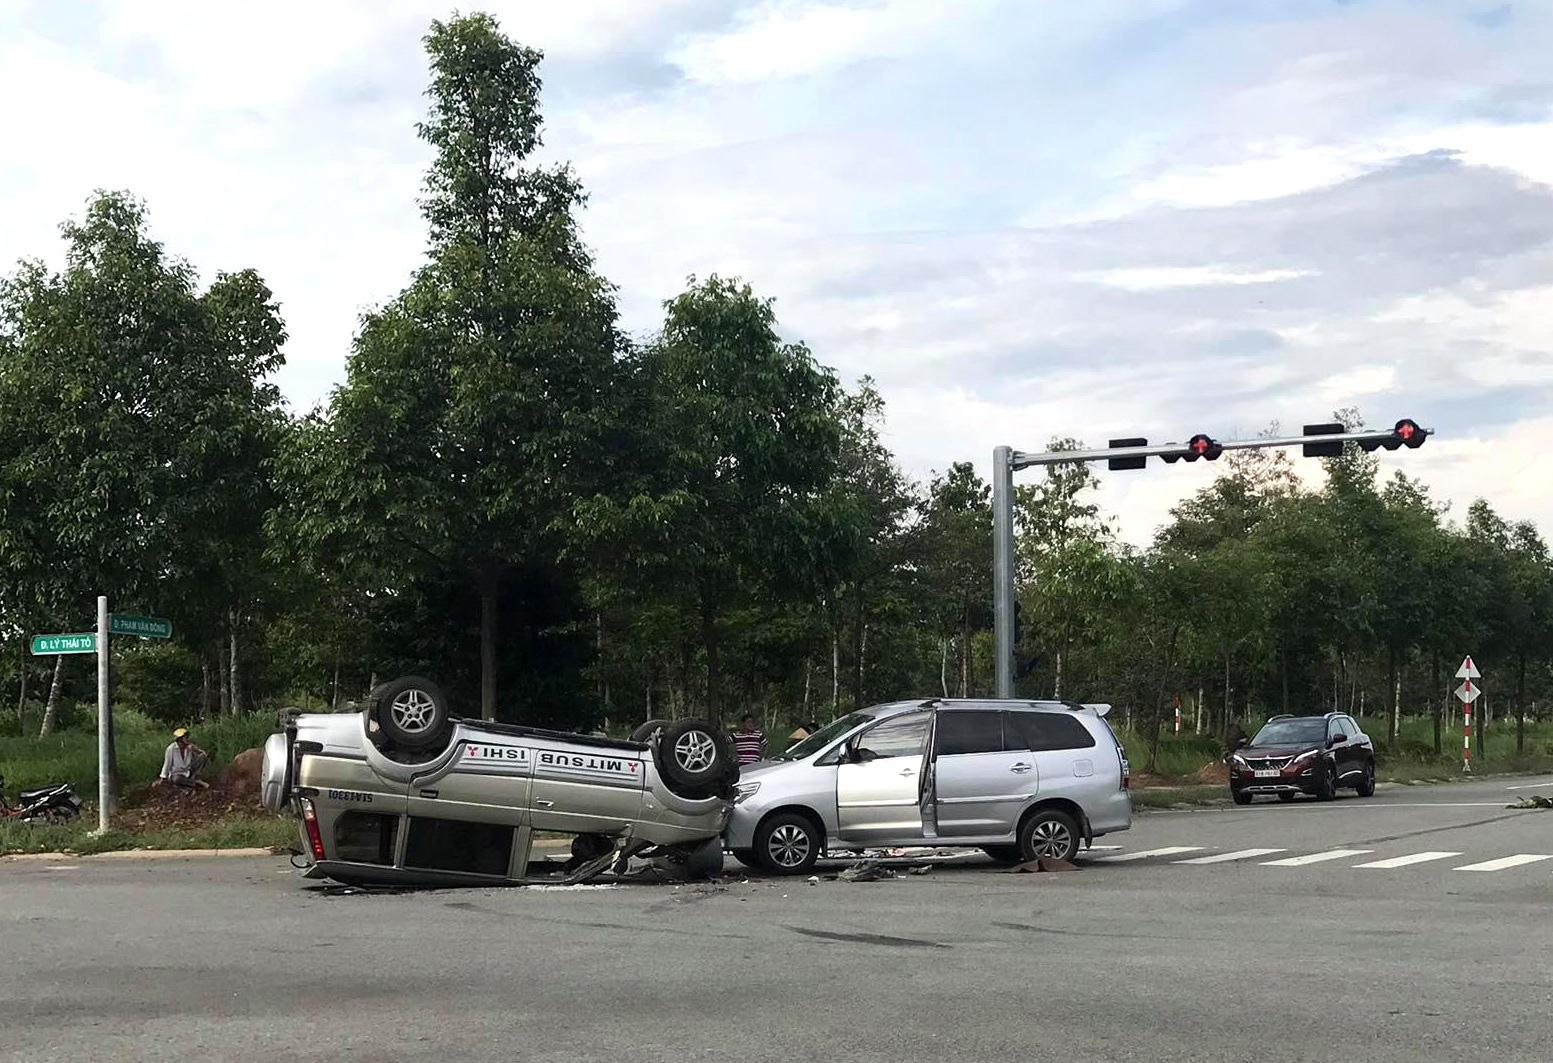 12 người cầu cứu trong 2 chiếc ô tô lật nhào tại ngã tư - Ảnh 1.